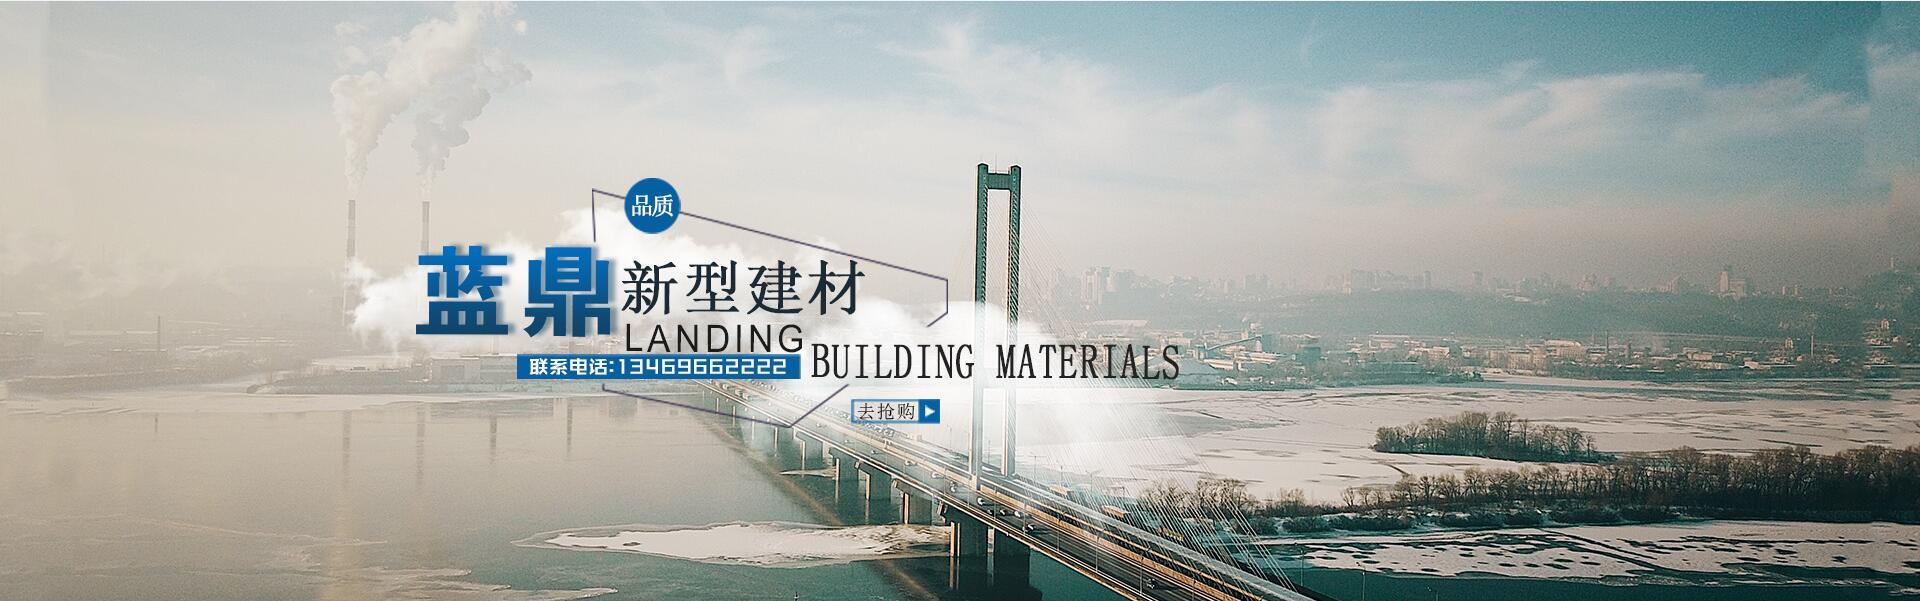 兰州蓝鼎新型建材有限公司